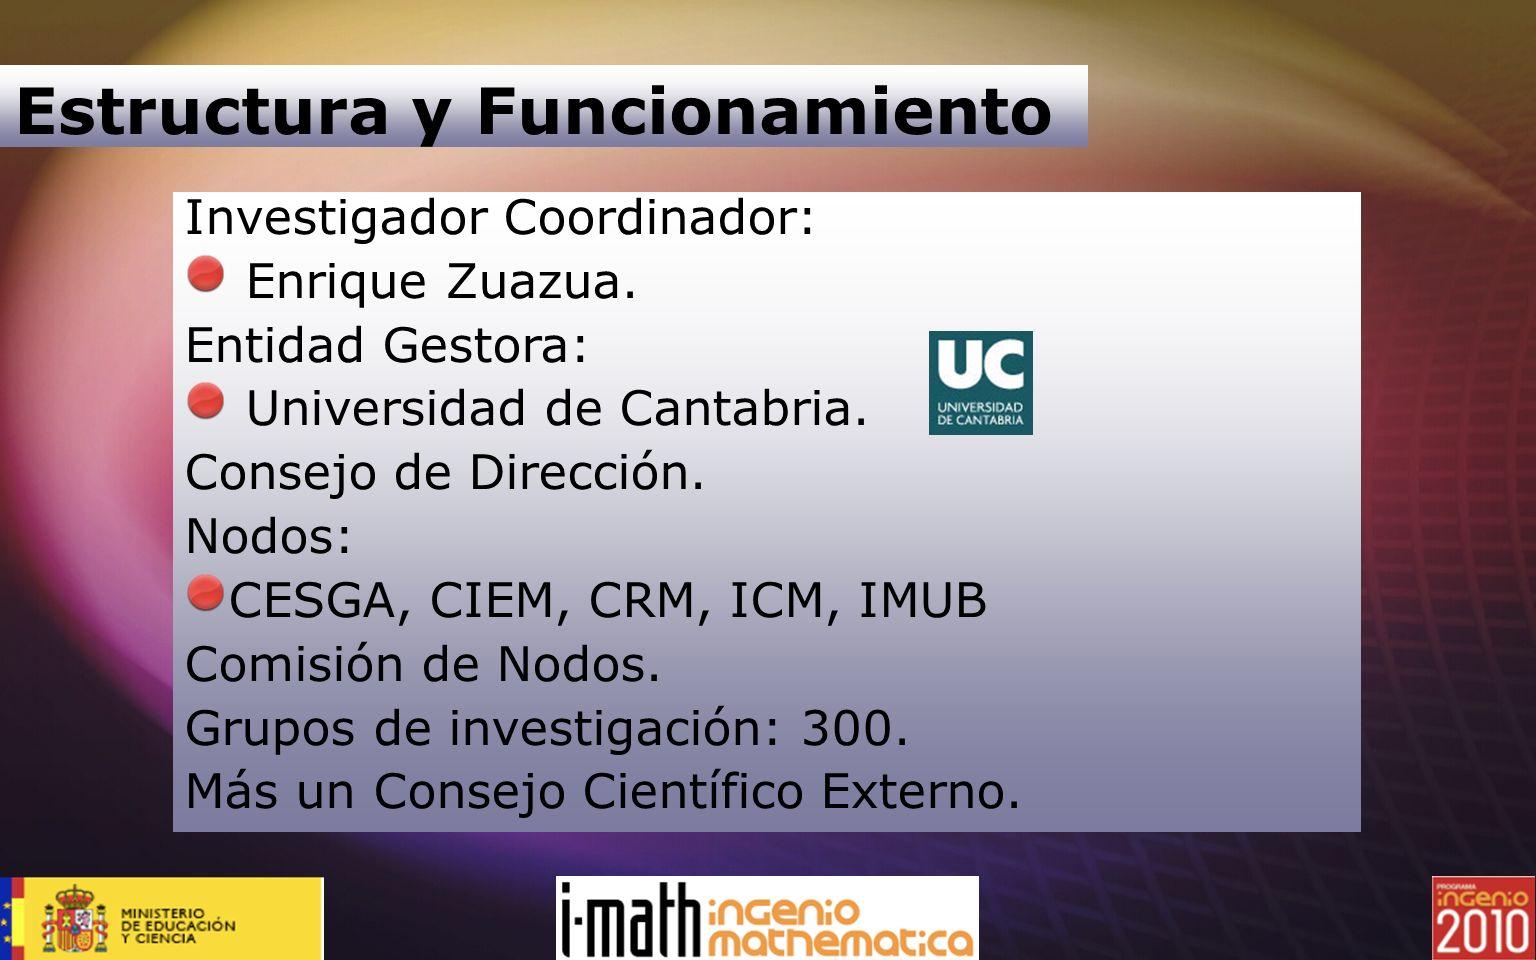 Investigador Coordinador: Enrique Zuazua. Entidad Gestora: Universidad de Cantabria. Consejo de Dirección. Nodos: CESGA, CIEM, CRM, ICM, IMUB Comisión